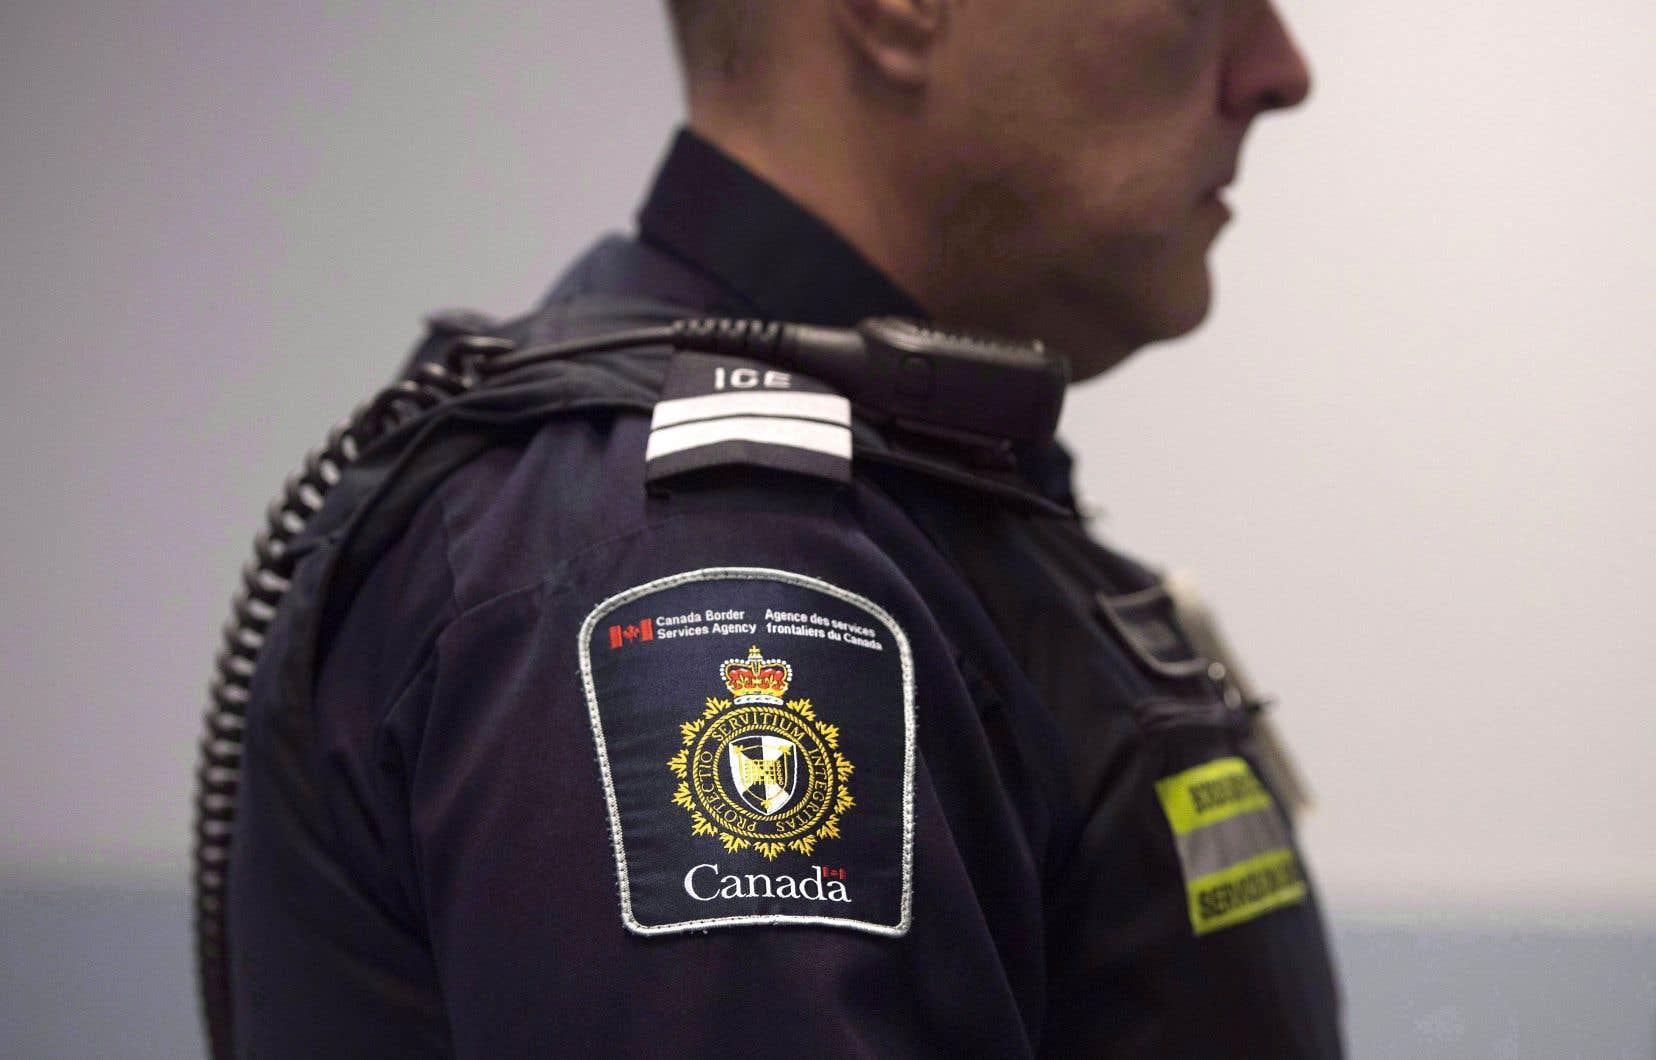 Les groupes de défense des libertés civiles estiment que la dernière série d'incidents montre que le Canada a besoin d'un organisme indépendant de traitement des plaintes